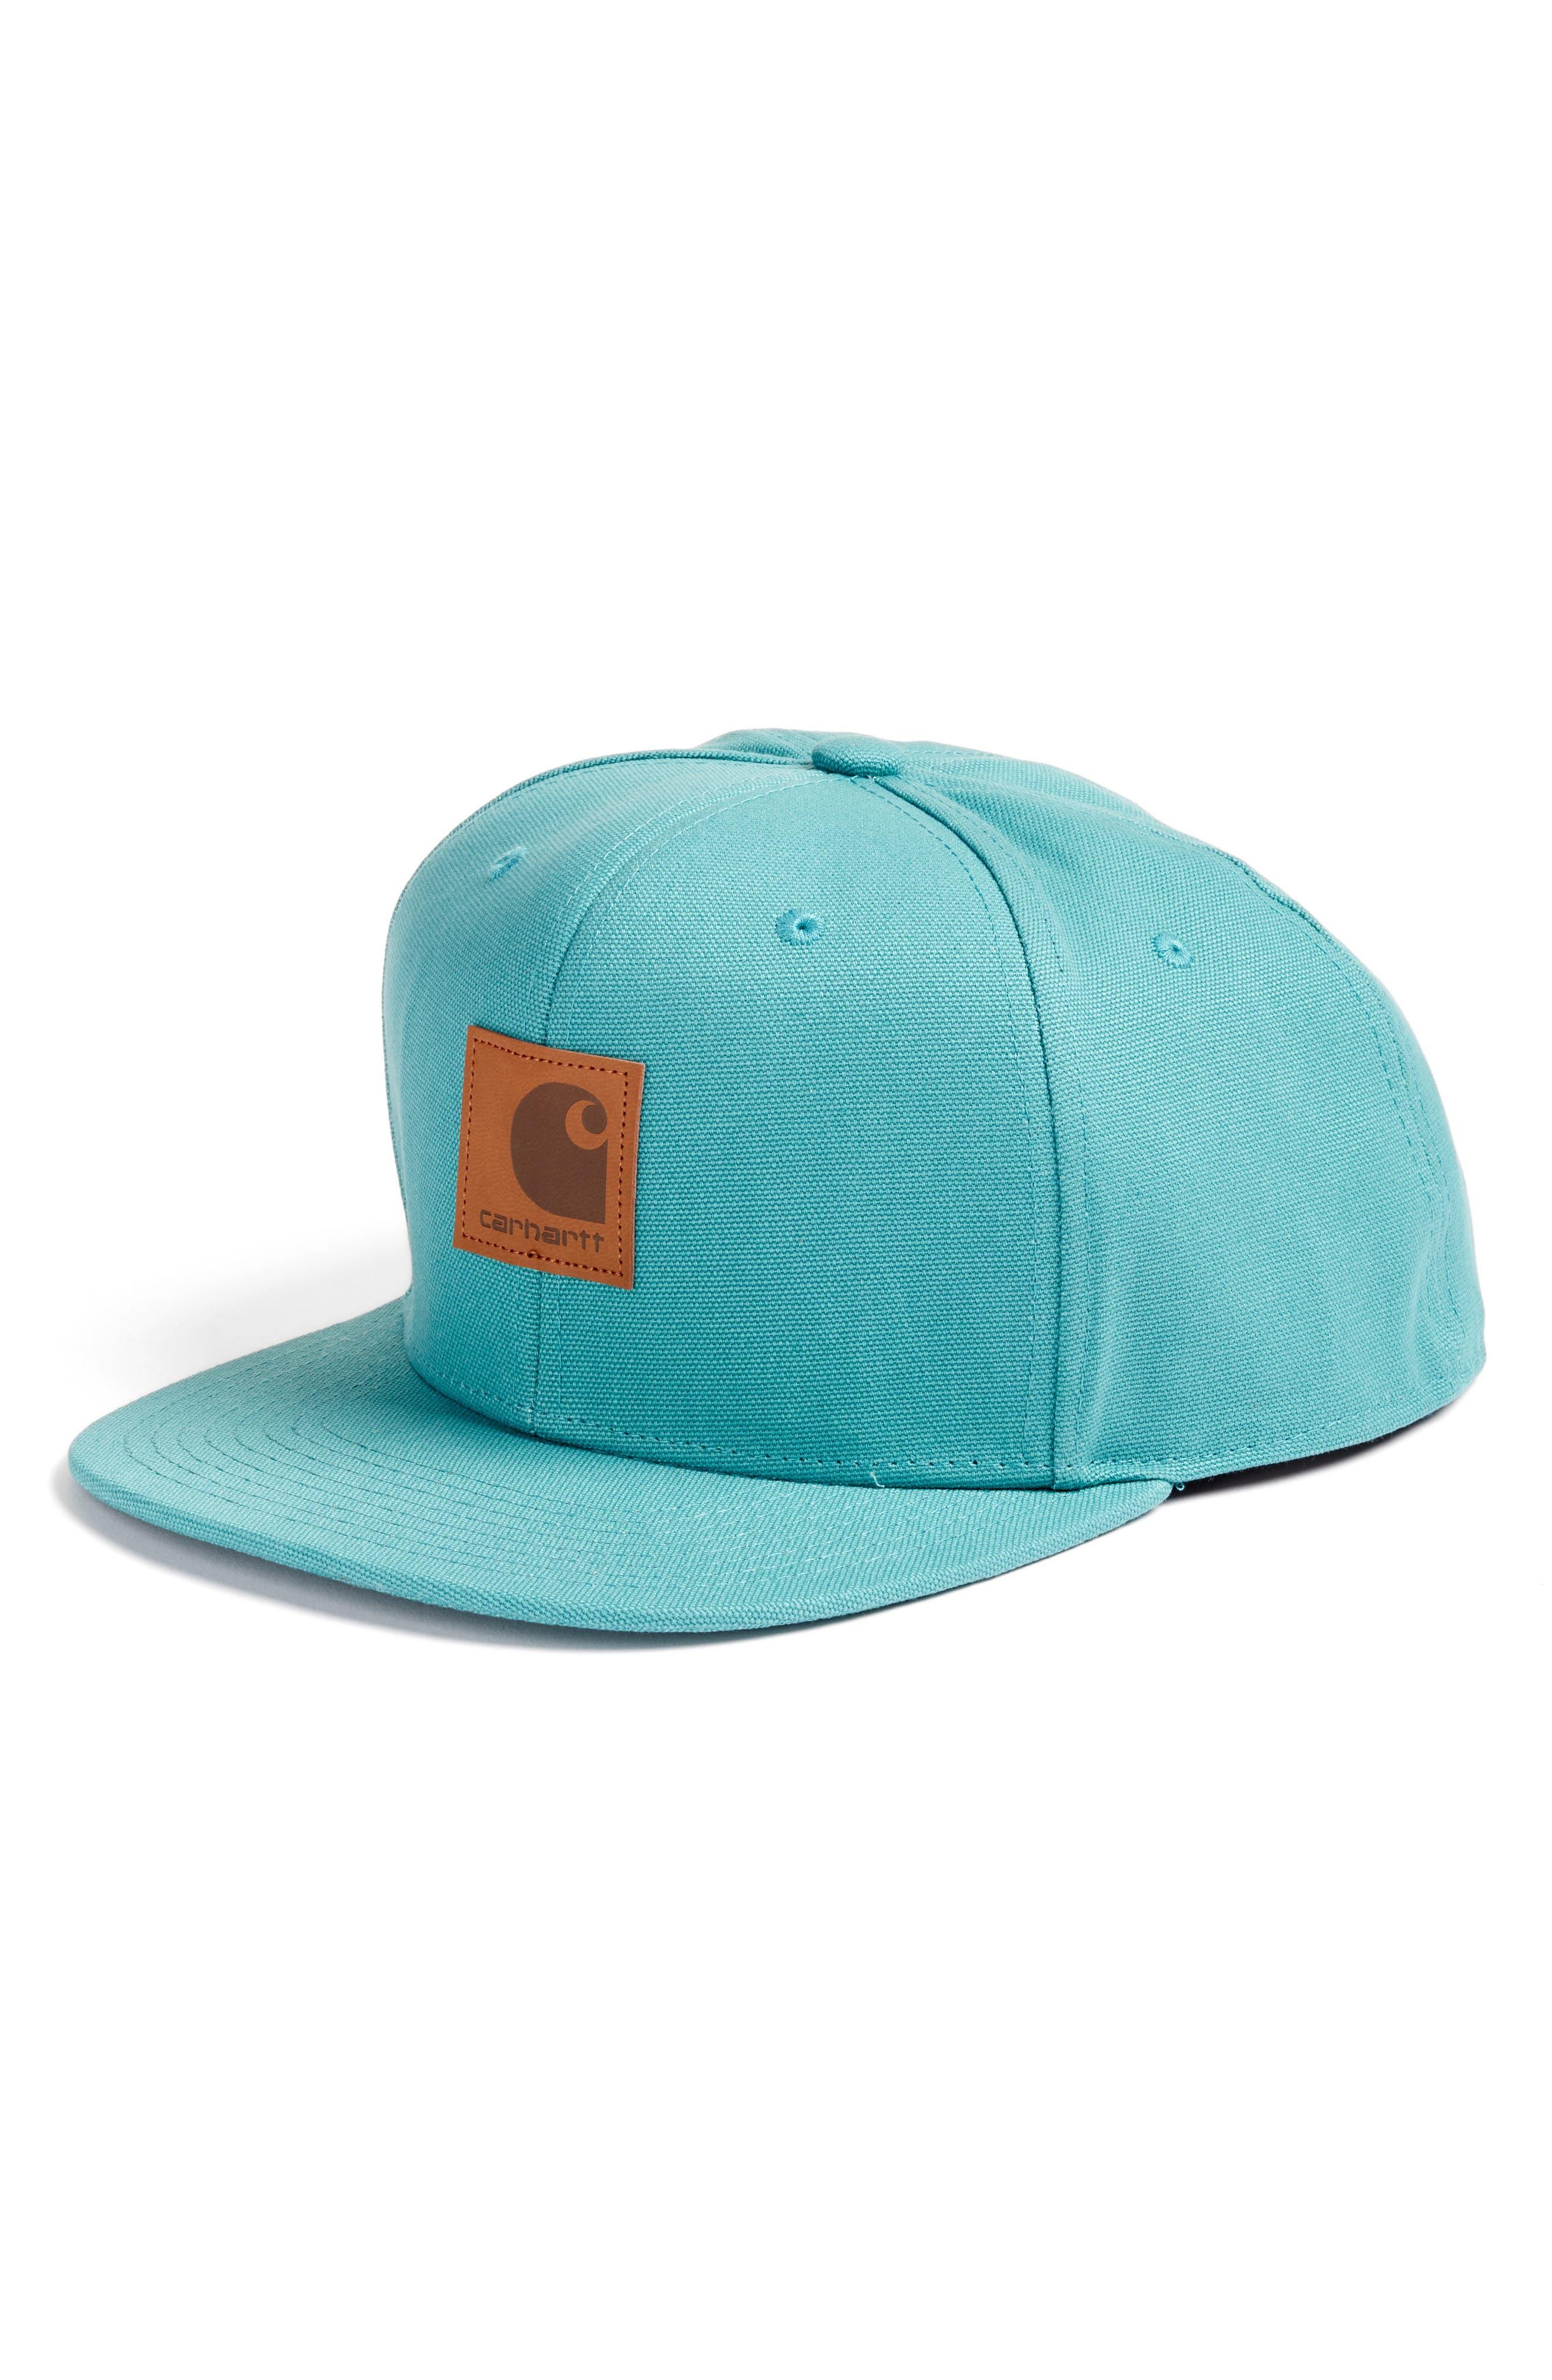 Snapback Cap,                         Main,                         color, Soft Teal